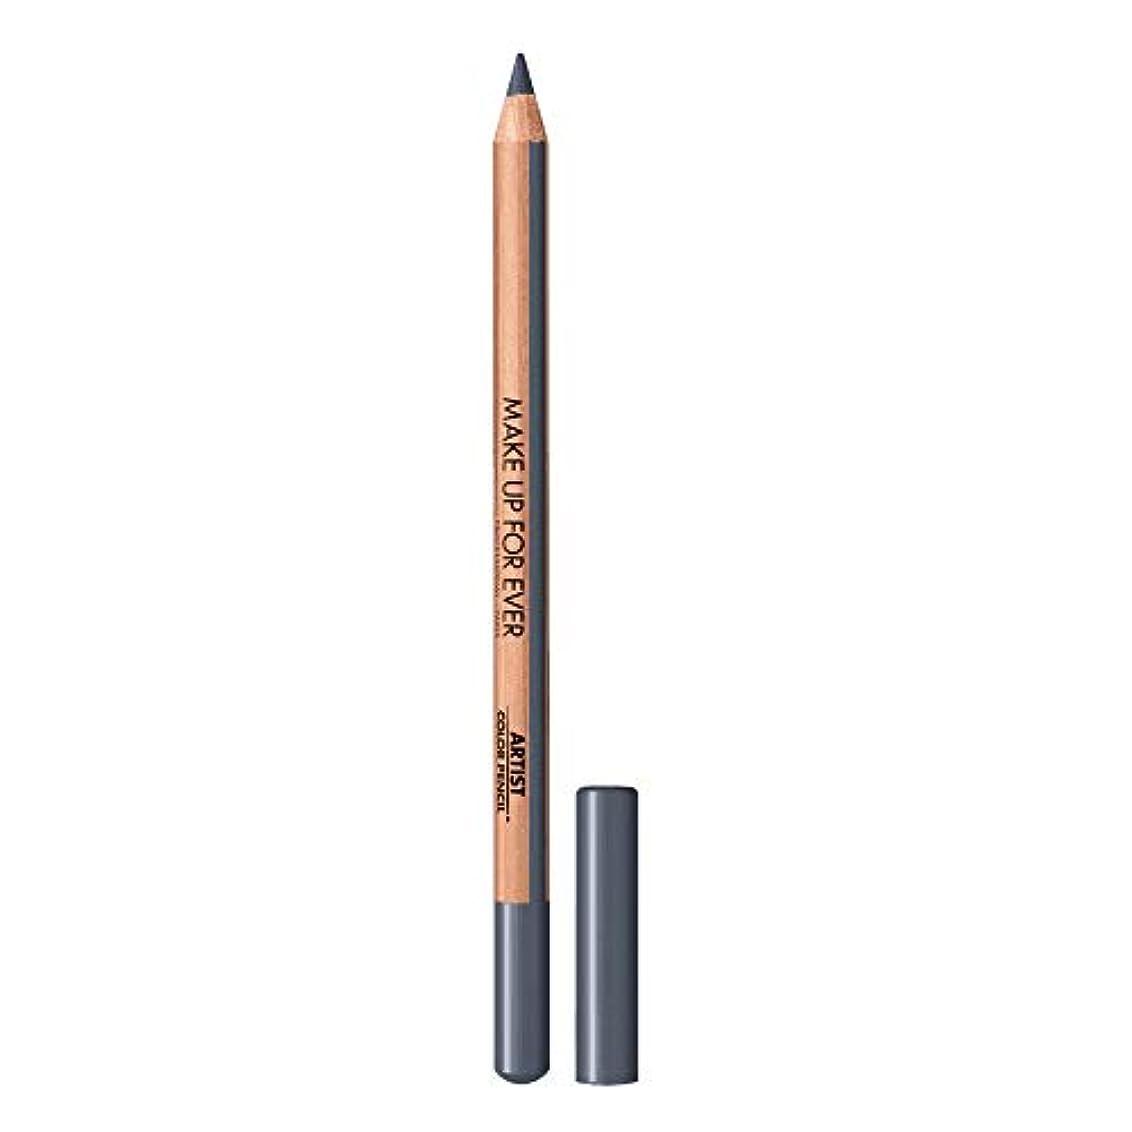 メイクアップフォーエバー Artist Color Pencil - # 200 Endless Blue 1.41g/0.04oz並行輸入品